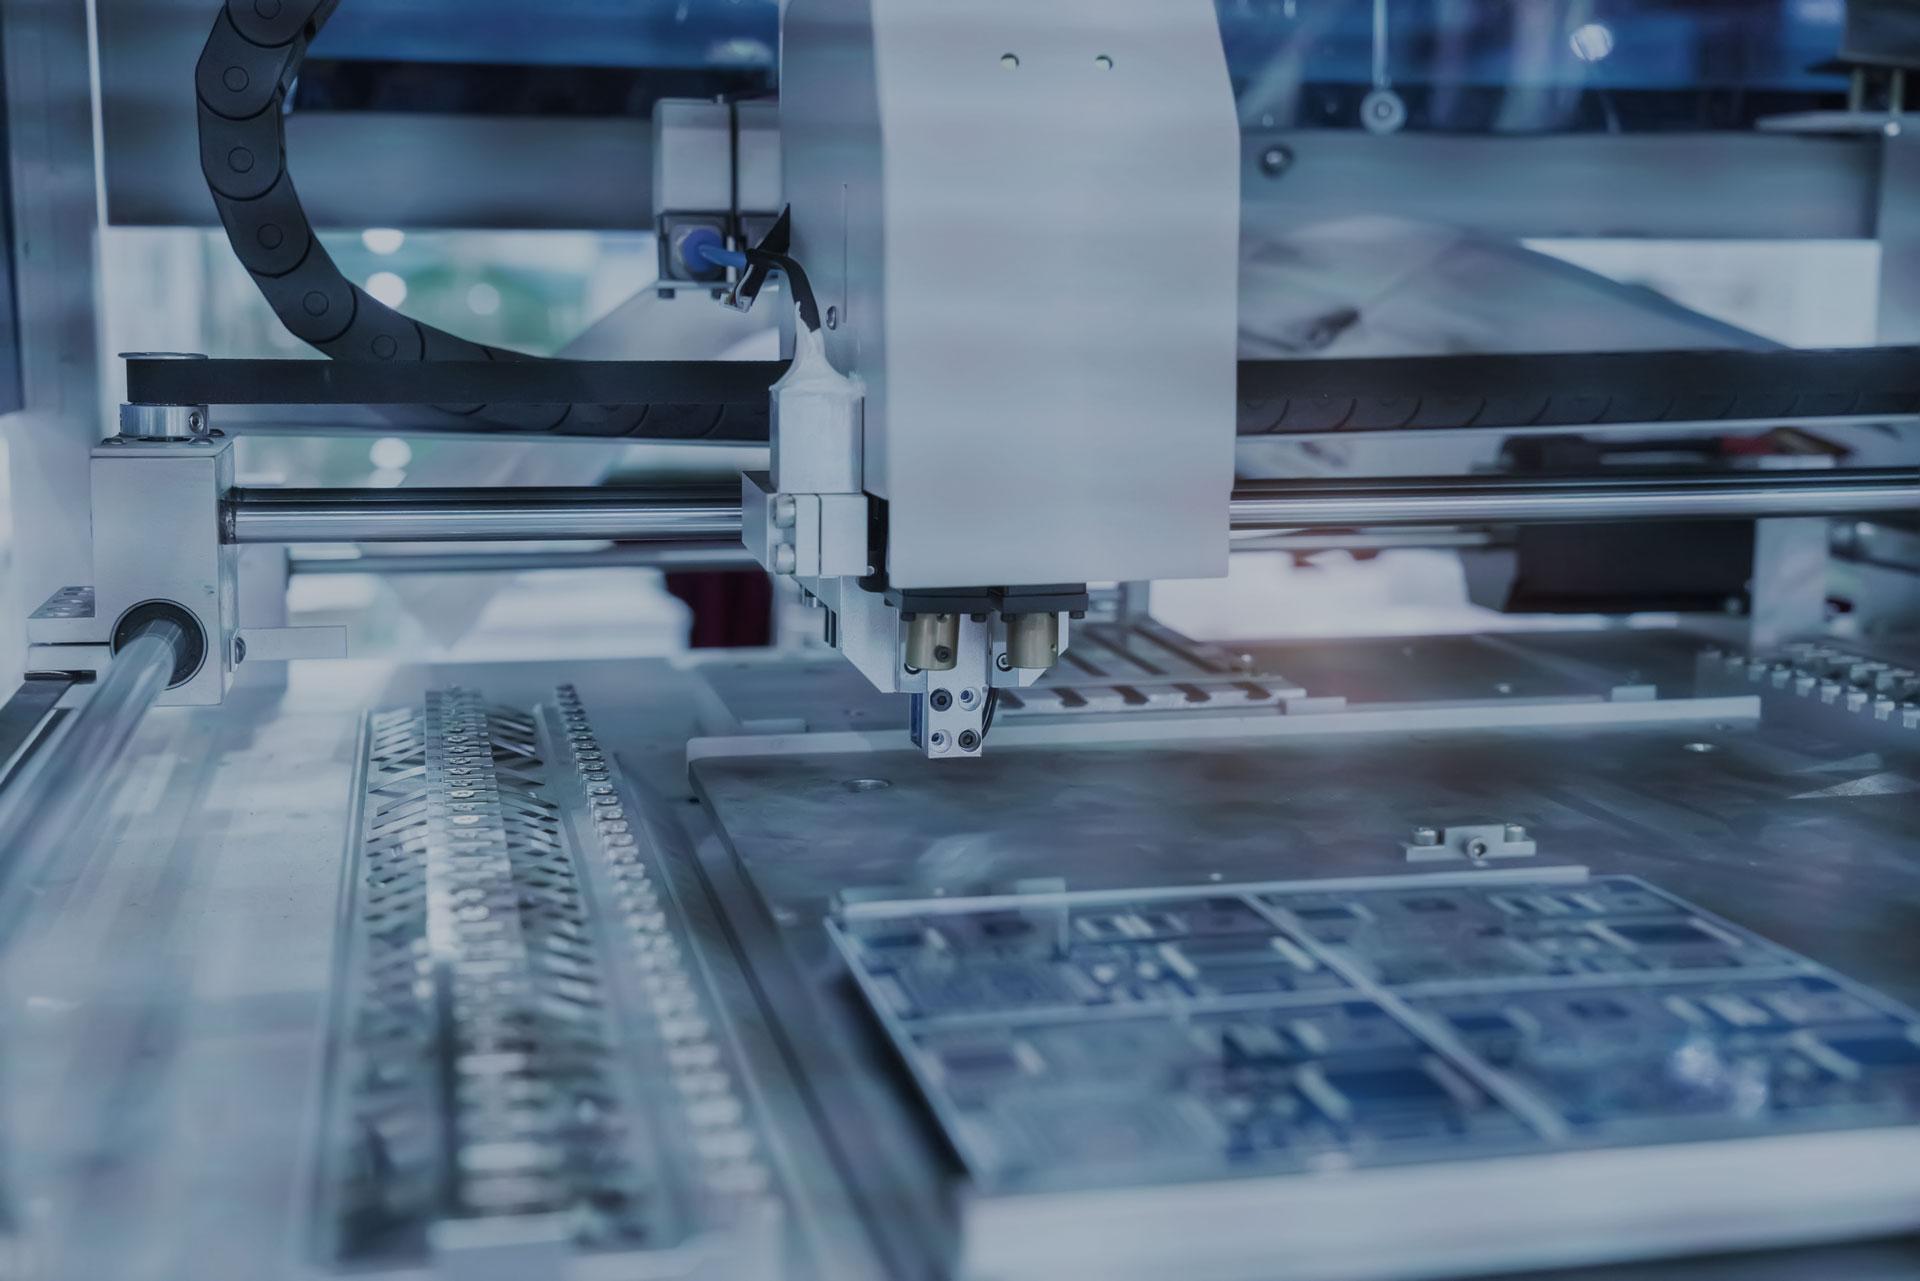 Fertigungsmaschine für PCBs Leiterplatten